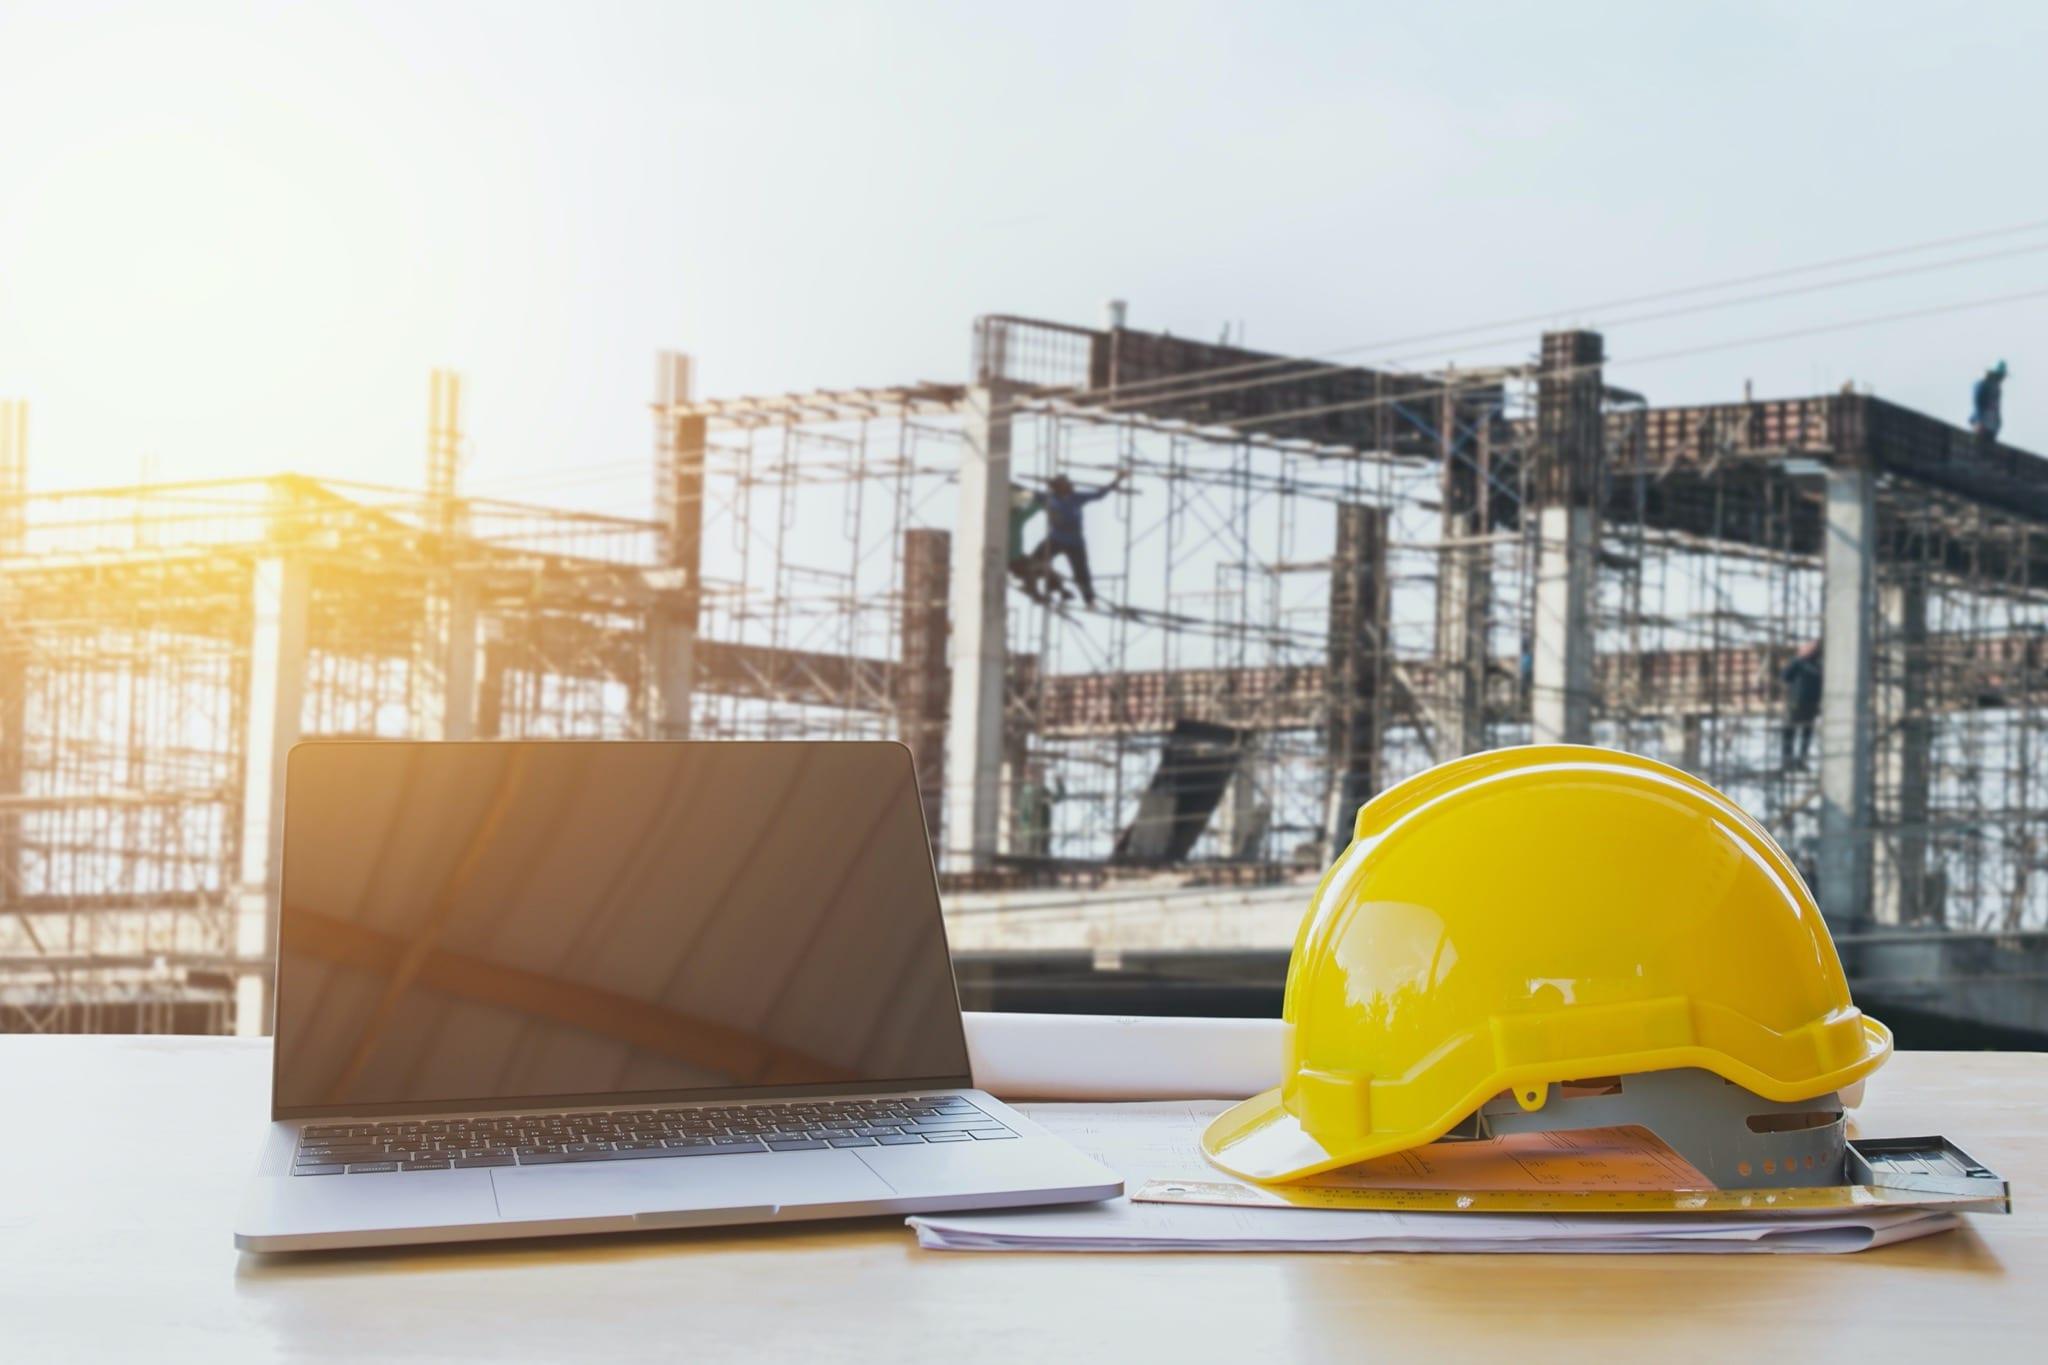 santier 2 - Coronavirus: Constructorii cer facilități fiscale și acord pentru șomaj tehnic pe perioada pandemiei